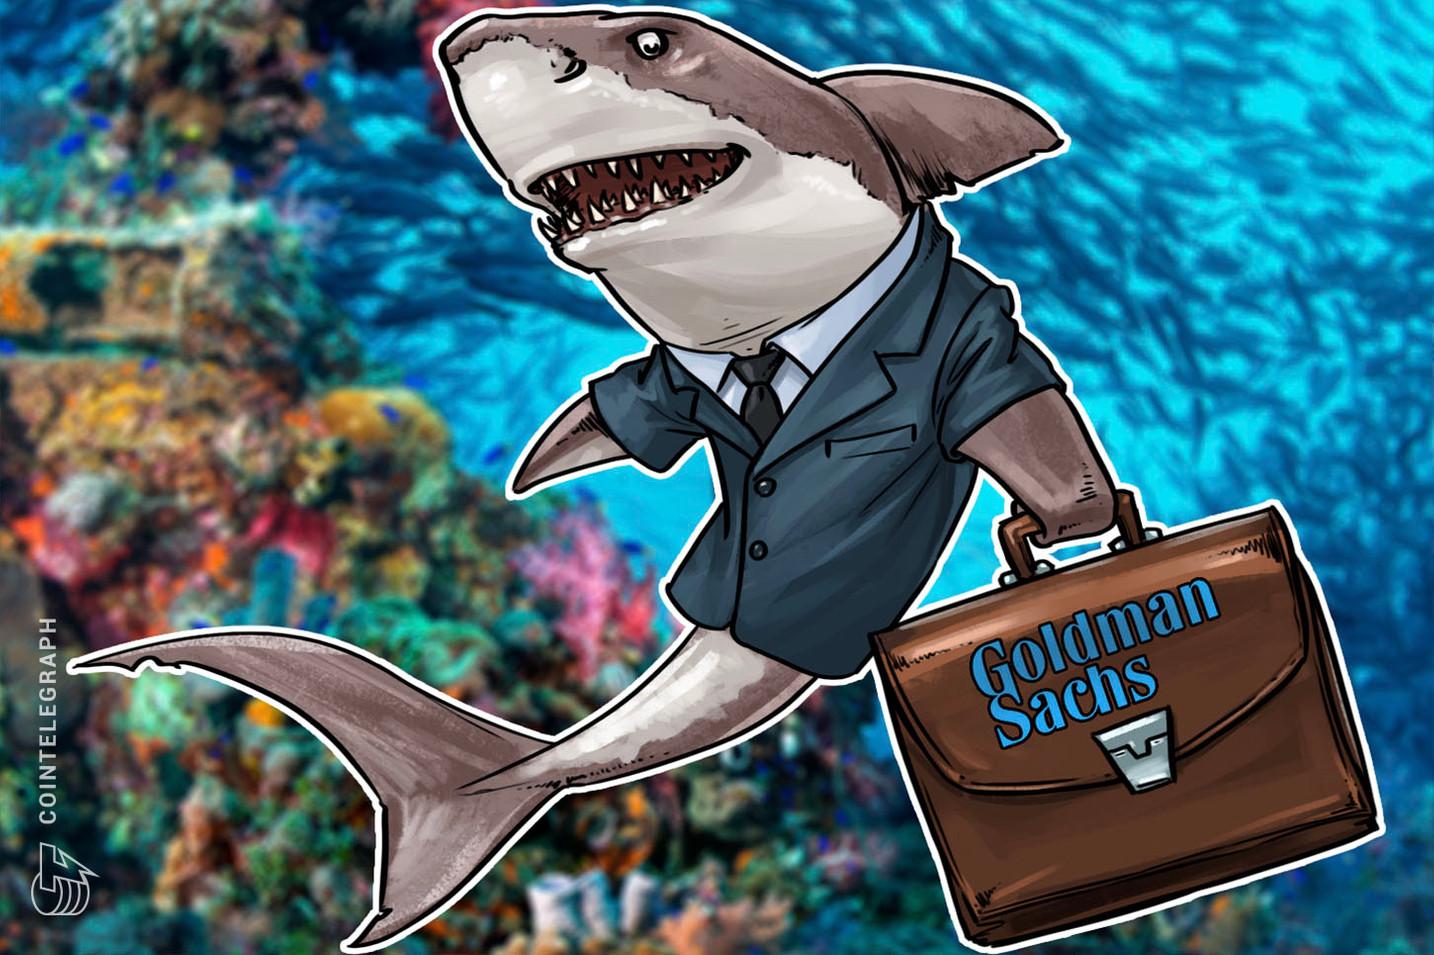 """مسؤولة تنفيذية سابقة بغولدمان ساكس تنضم إلى محفظة العملات الرقمية """"بلوكتشين"""" لجذب العملاء المؤسسيين"""